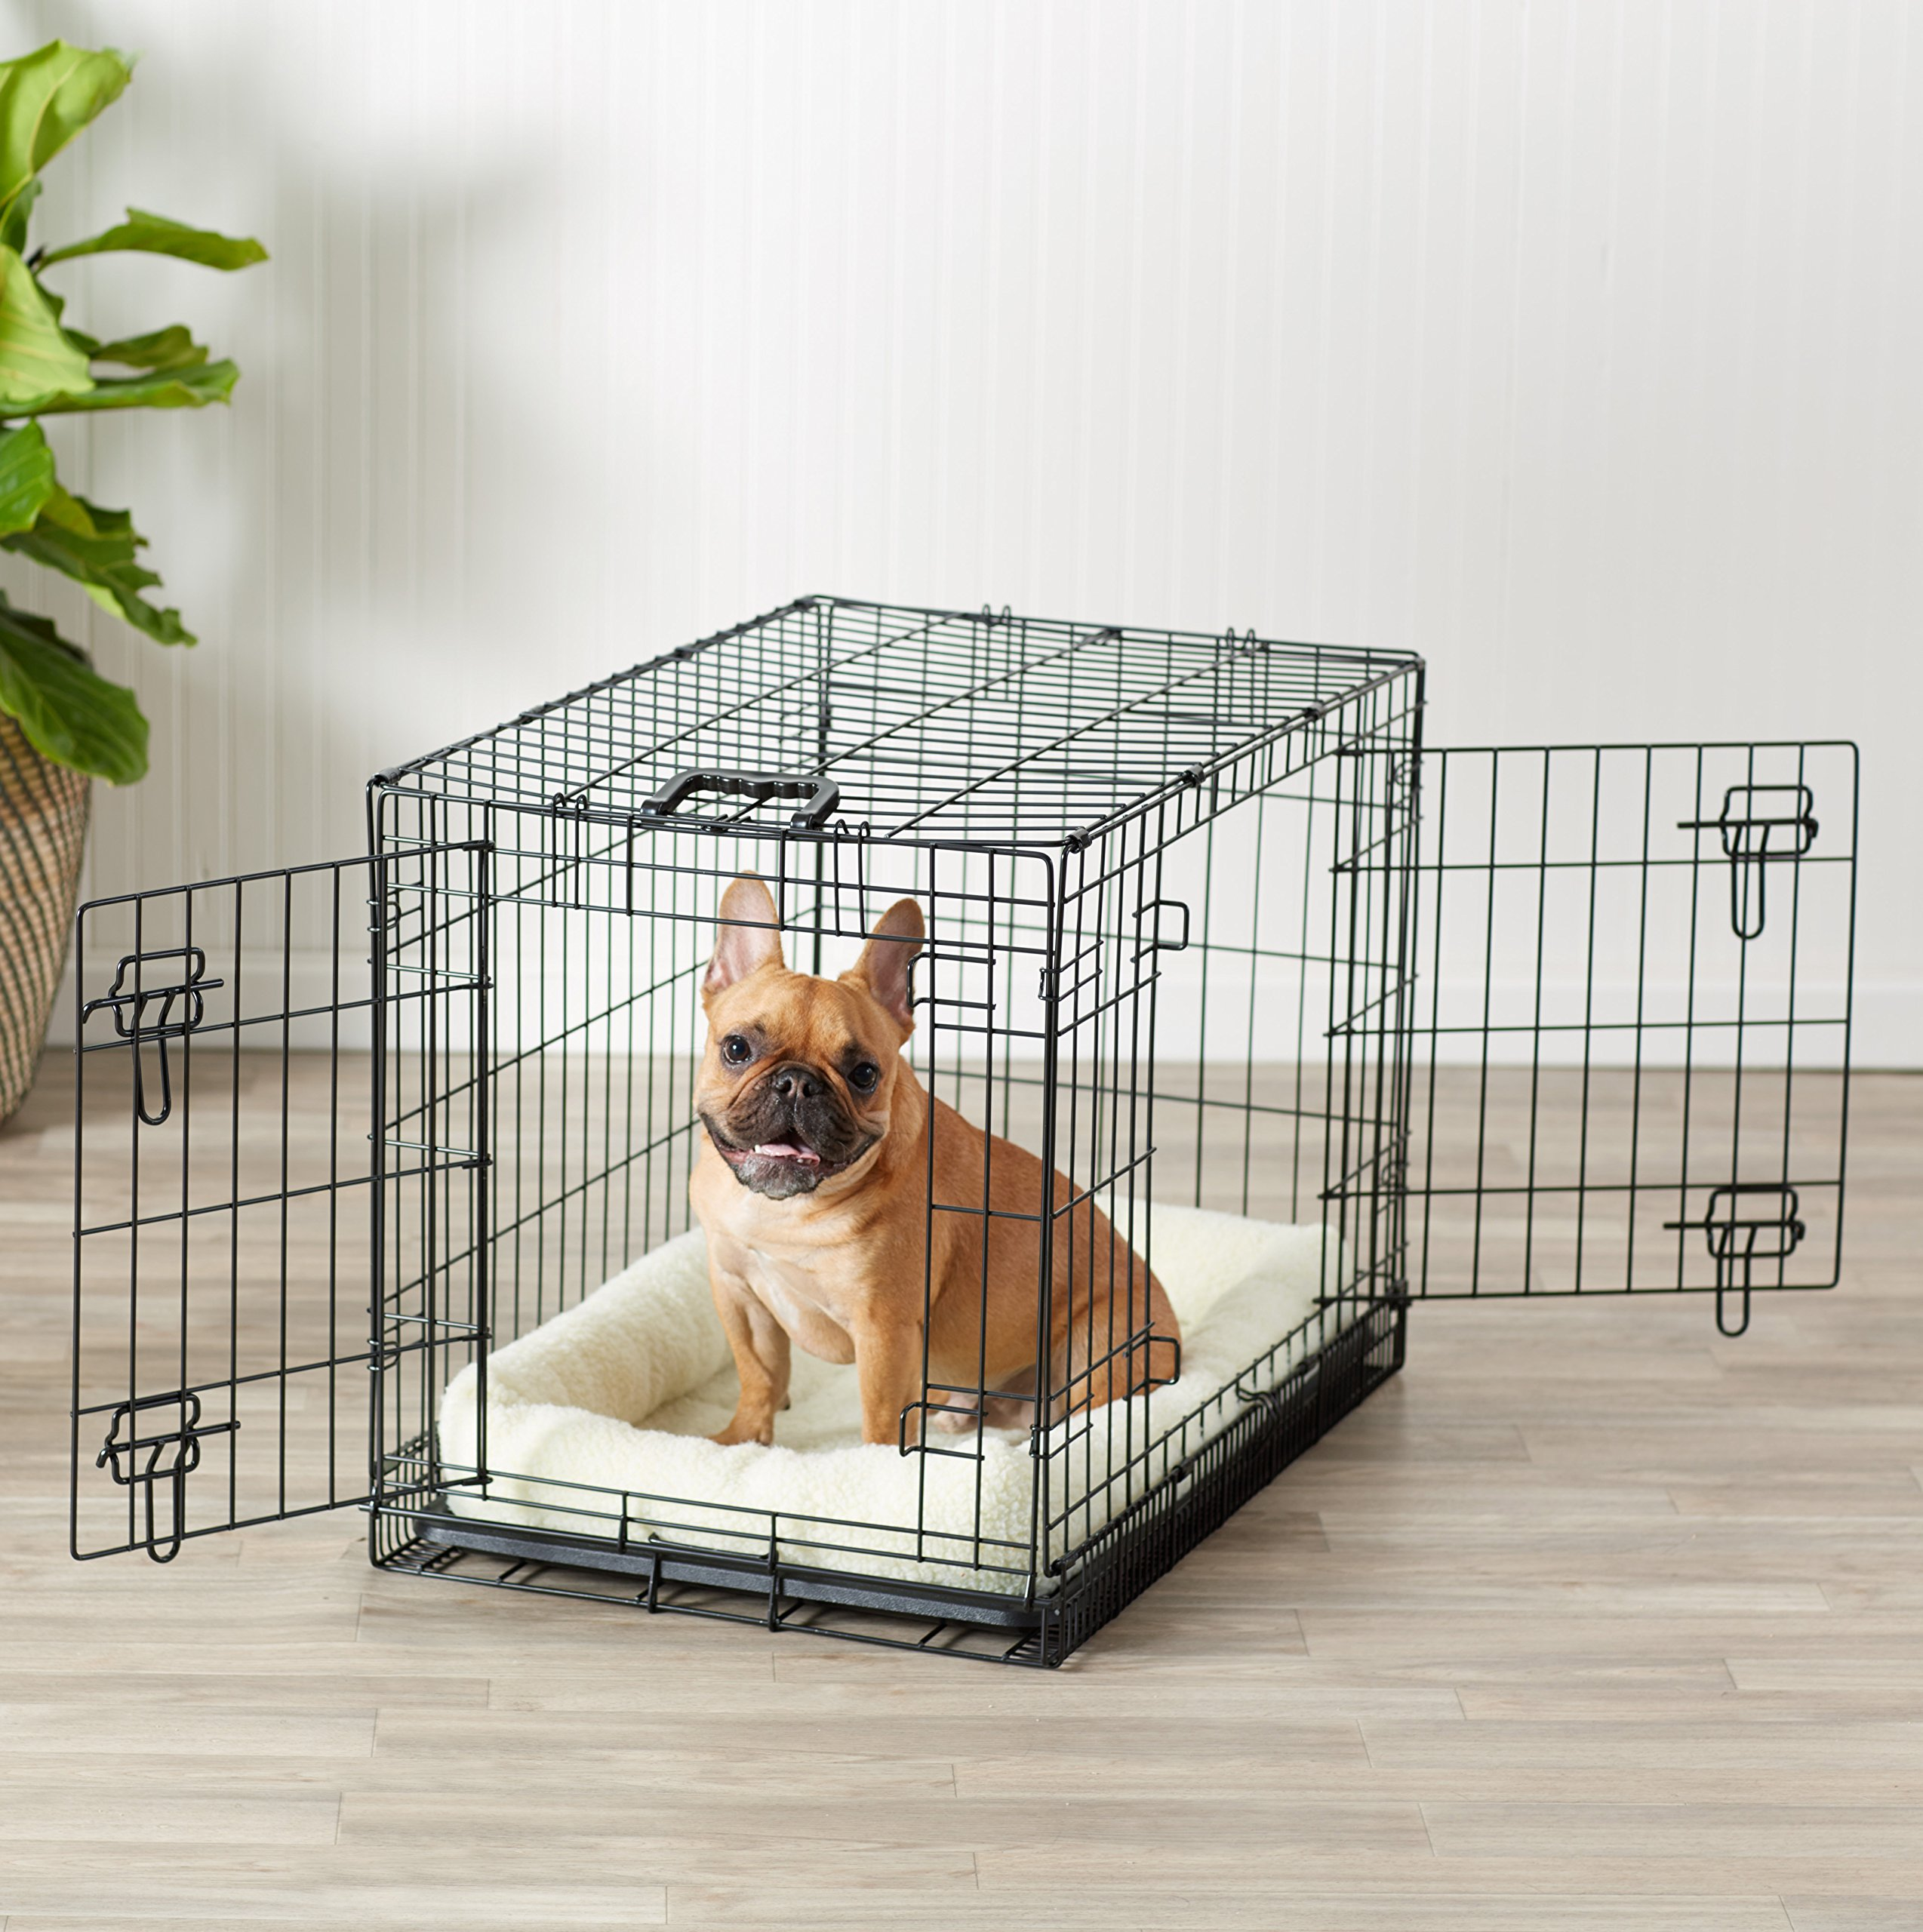 AmazonBasics Double-Door Folding Metal Dog Crate - 30 Inches by AmazonBasics (Image #2)